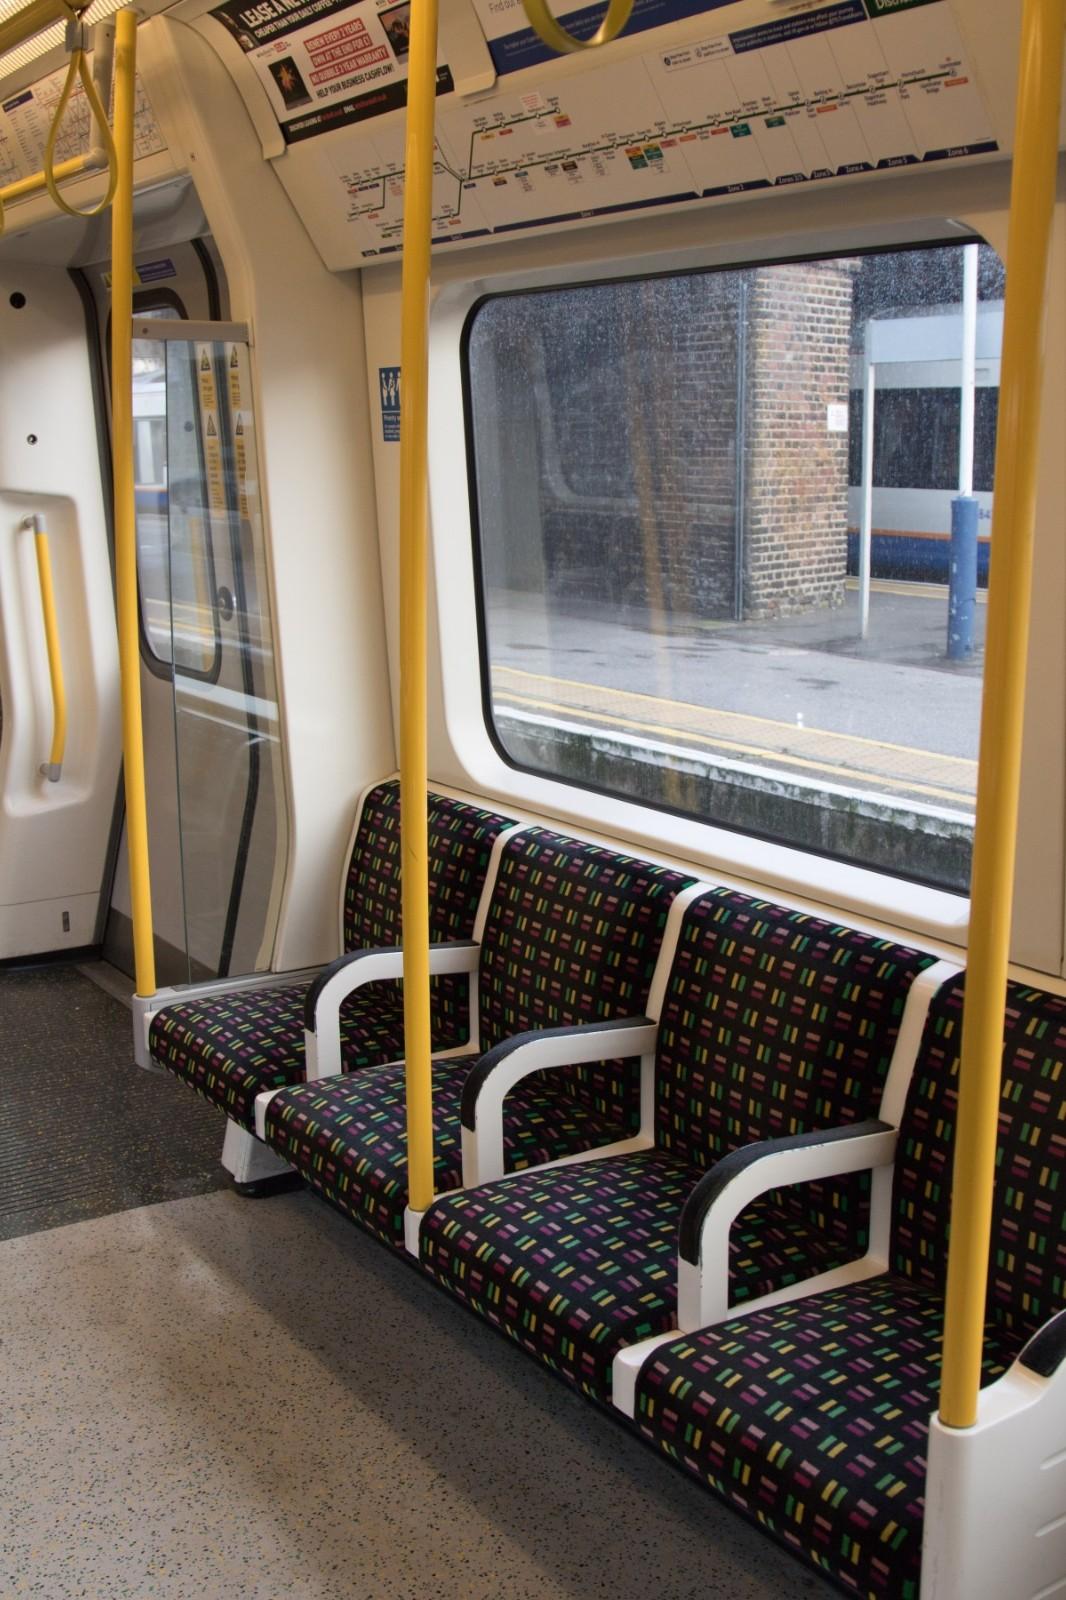 英国地铁座位.jpg